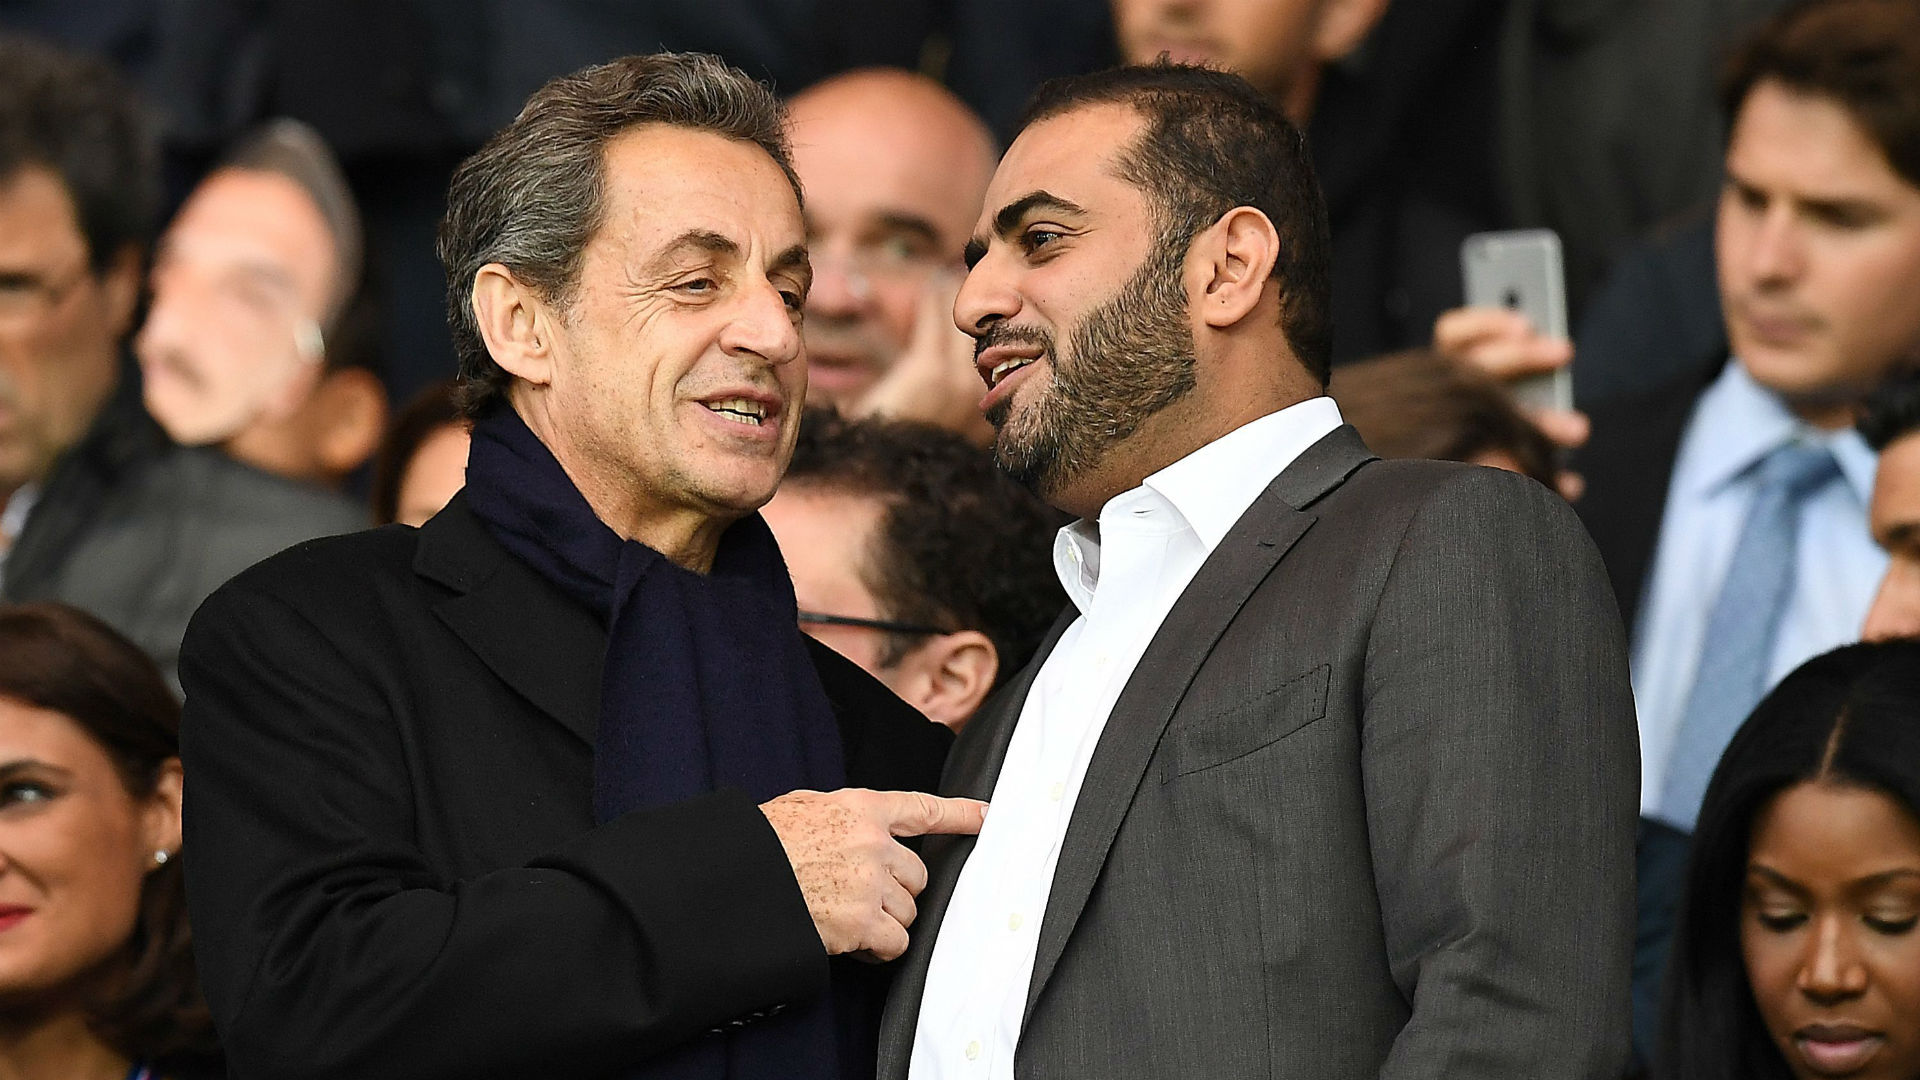 Nicolas Sarkozy Yousef al Obaidly